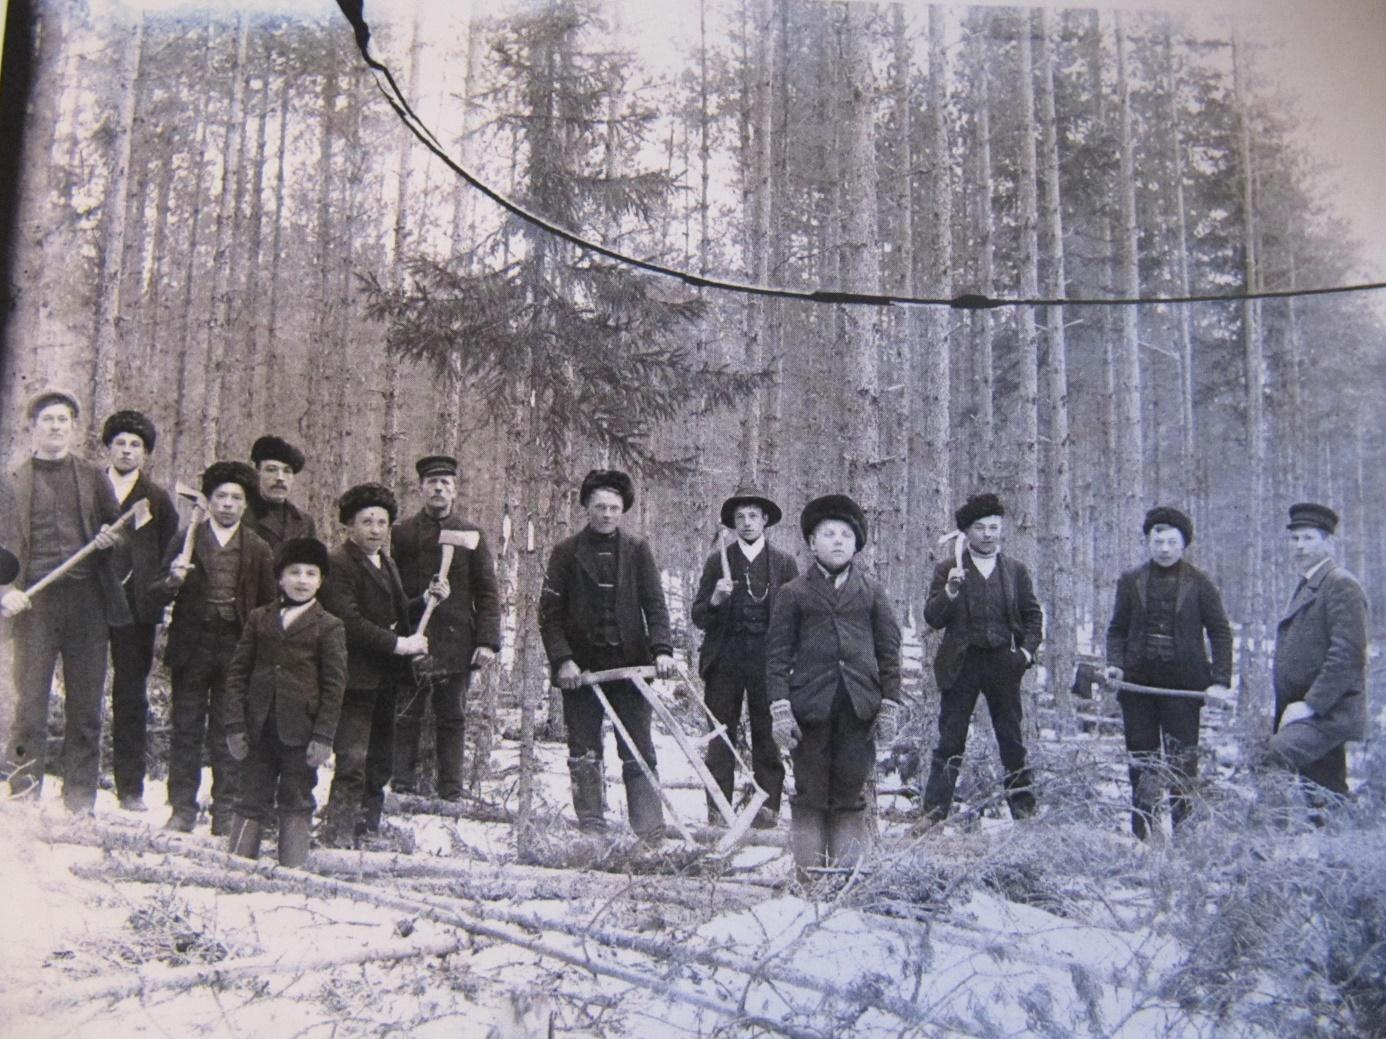 Här kursdeltagarna på en skogsskötarkurs på Byåsen, fotograferade av Viktor Nylund år 1912.